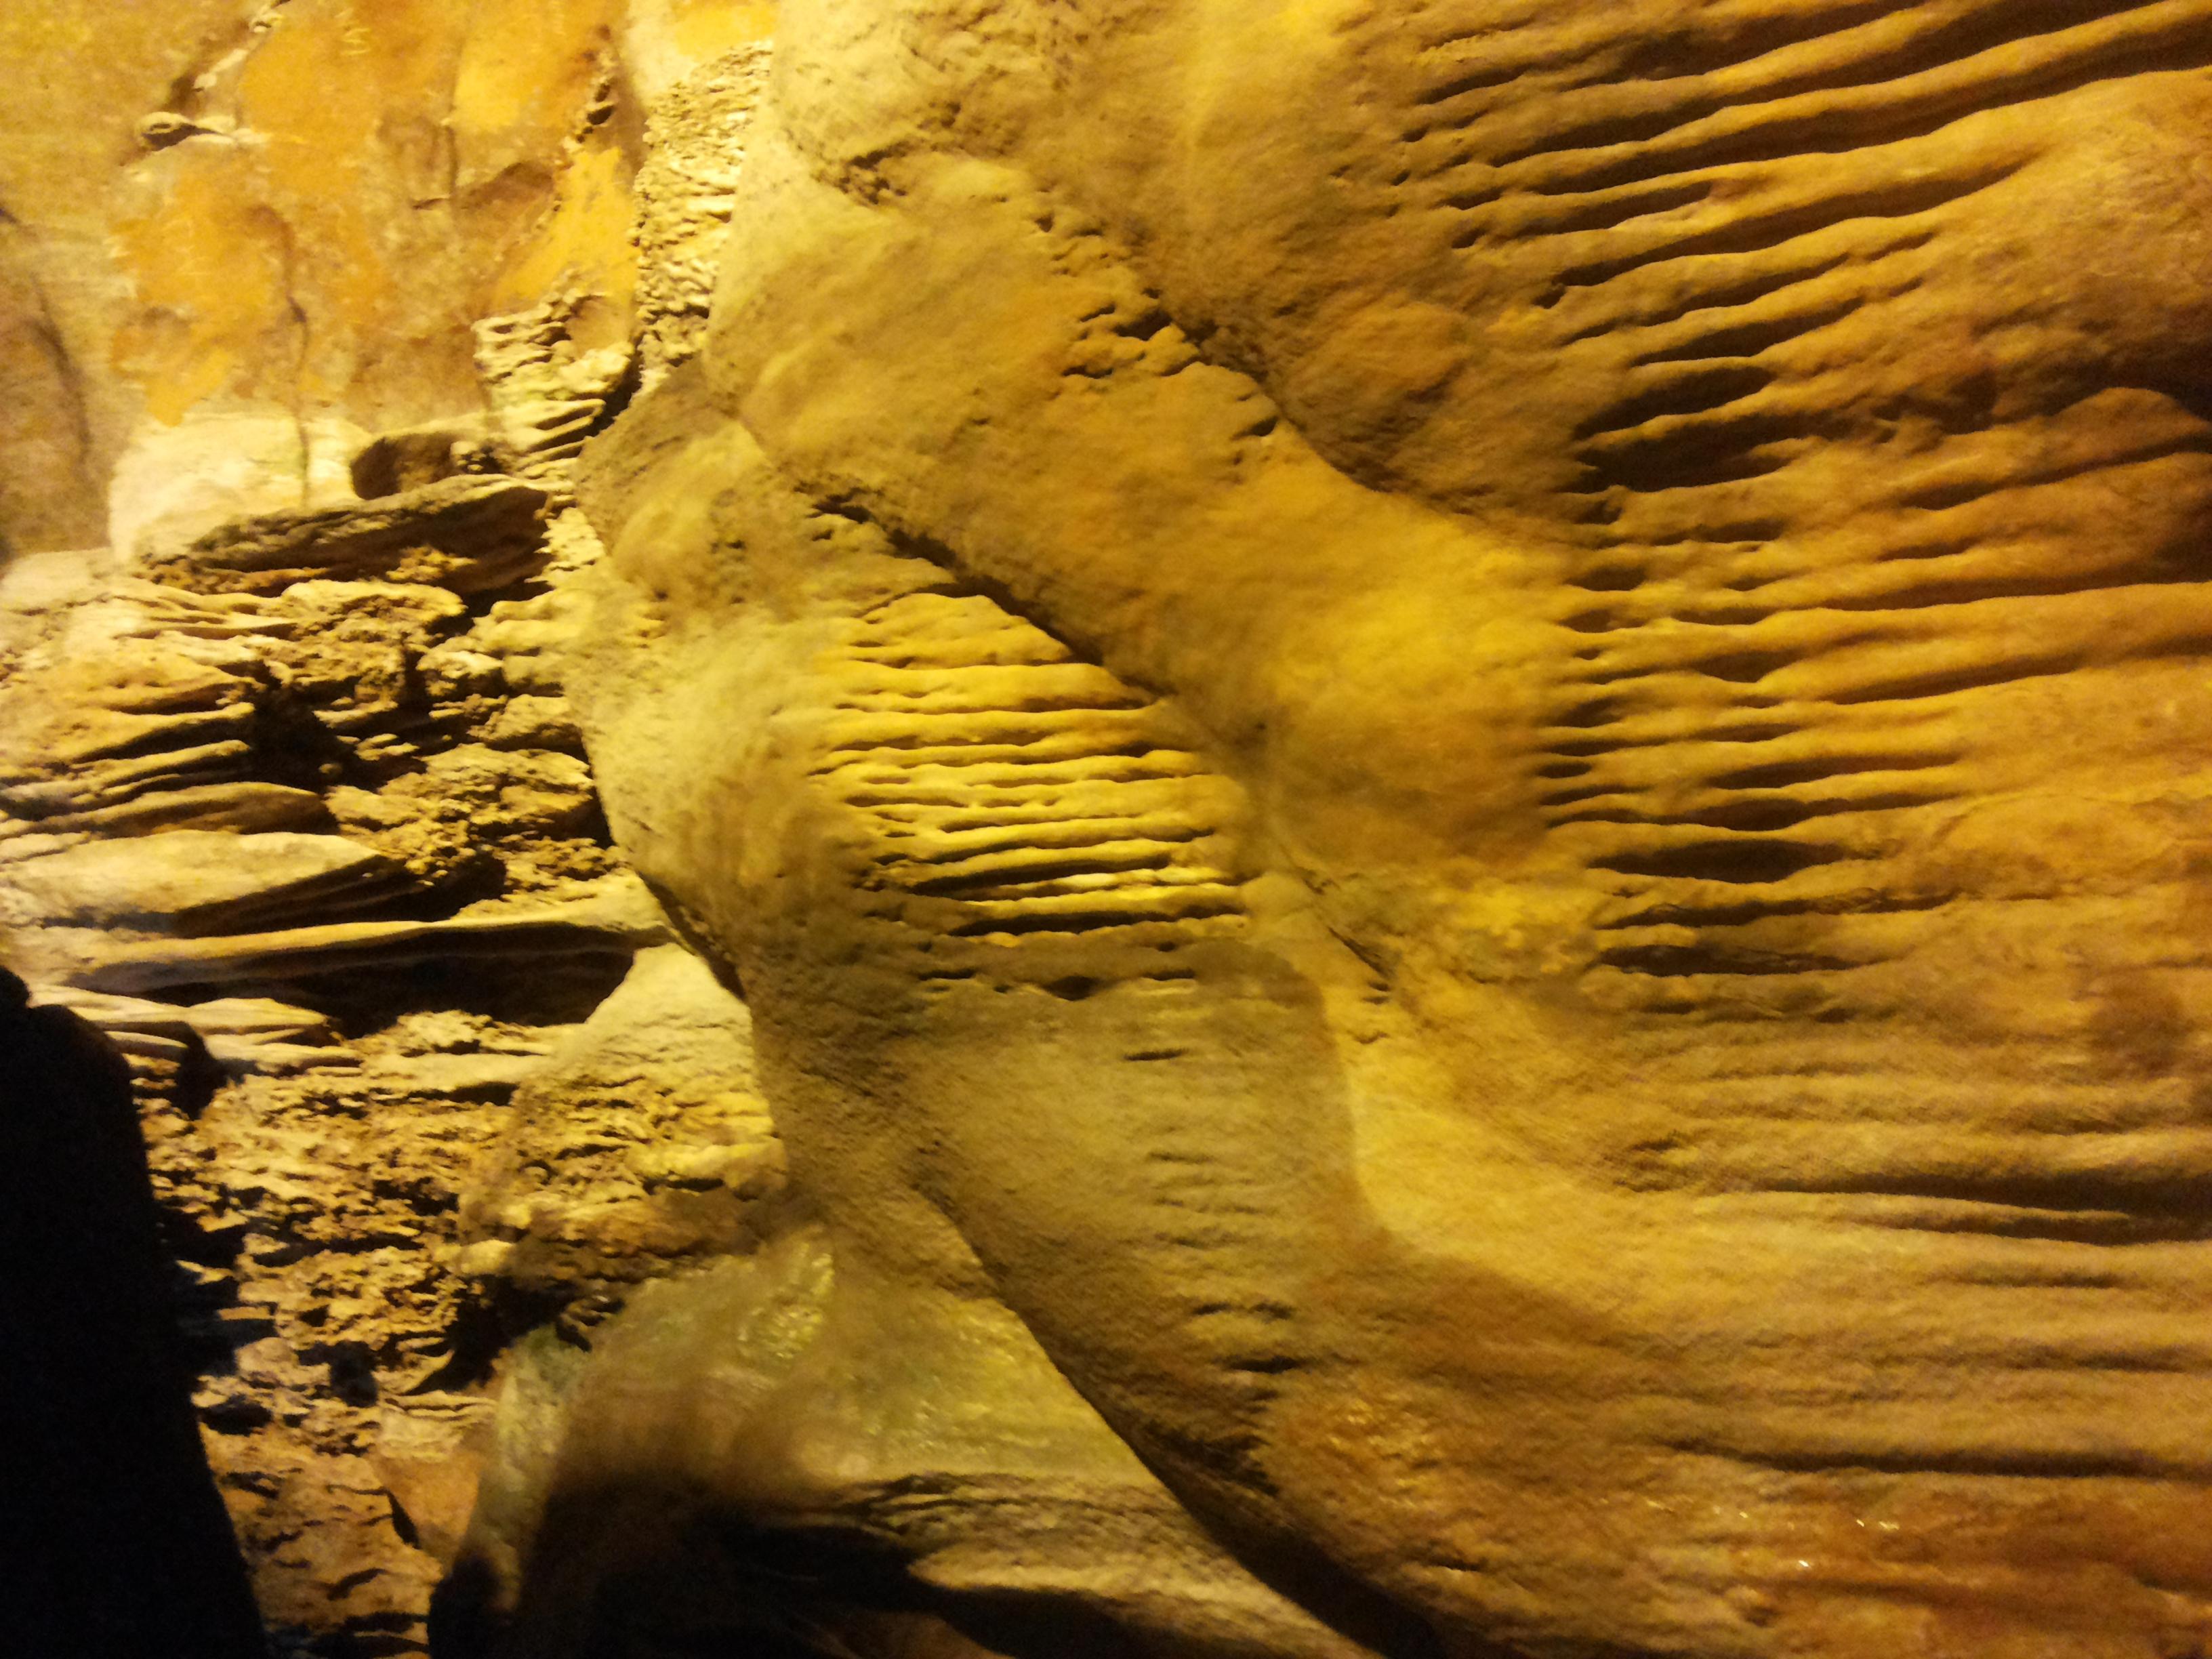 Araku Valley and Burra caves trip photos - Images WorthvieW Araku borra caves photos